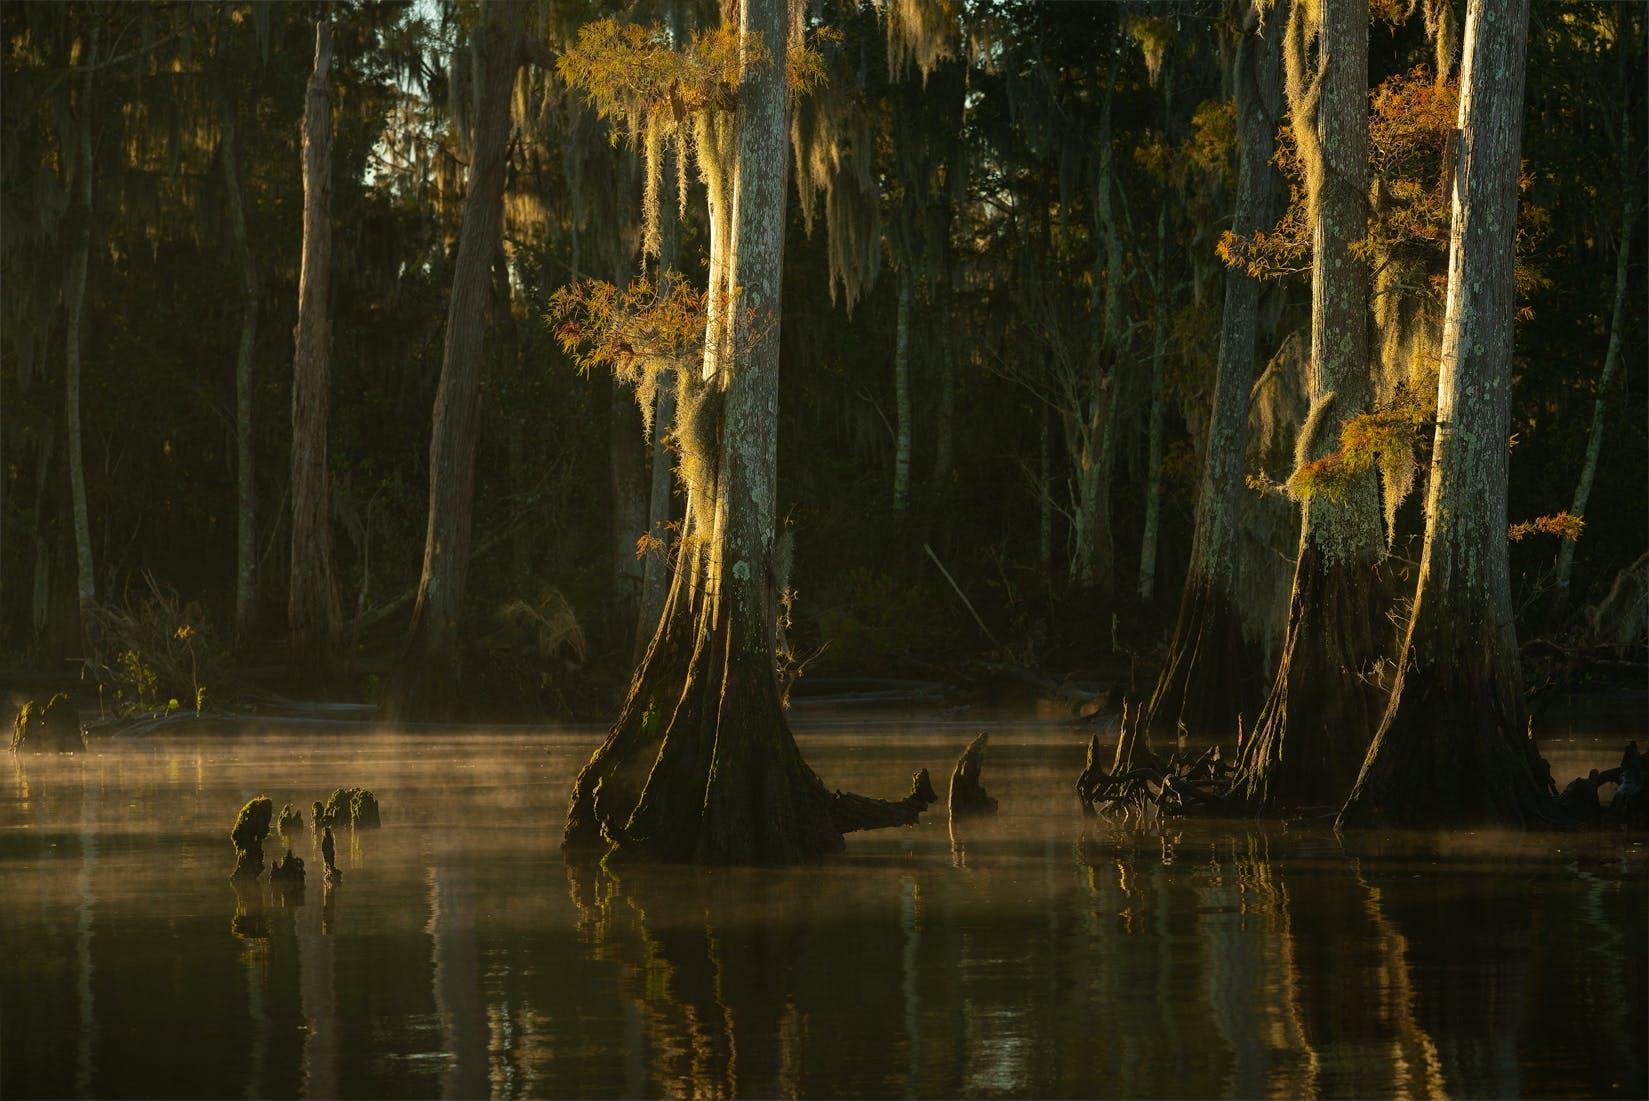 swamp tour, swamp landscape photo tour, swamp photography, landscape photo tour